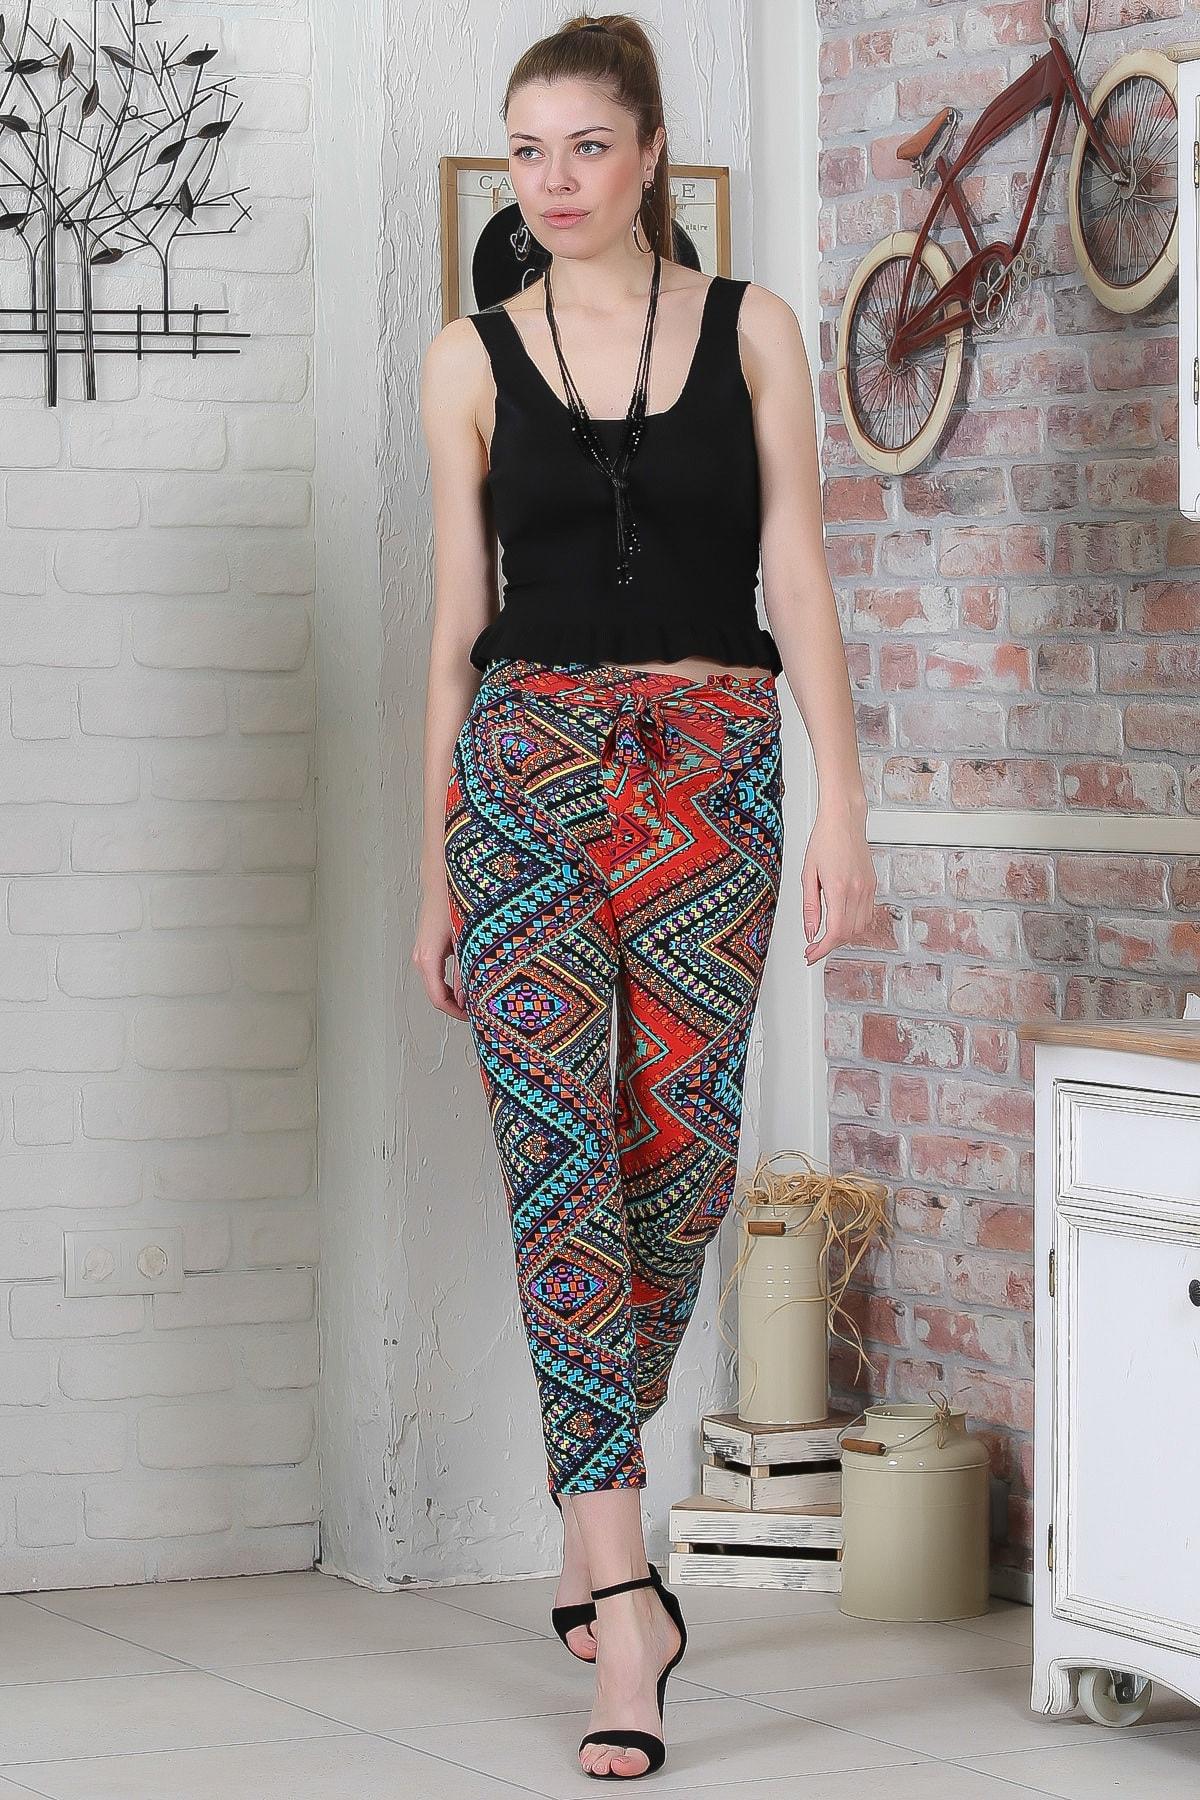 Chiccy Kadın Kırmızı-Siyah Kilim Desenli Bağlamalı Dar Paça Pantolon M10060000PN98923 1